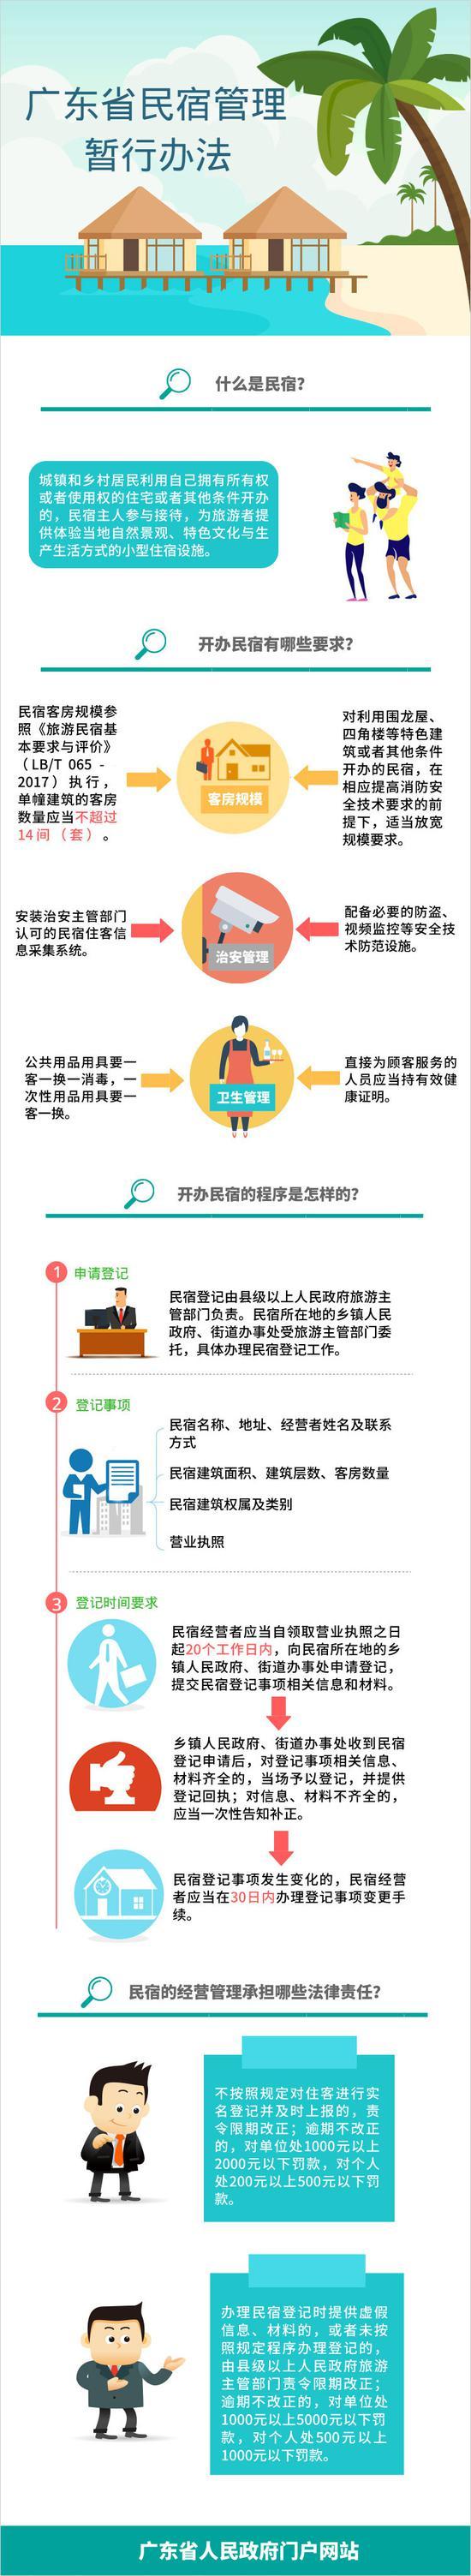 图片来源:广东省人民政府网站